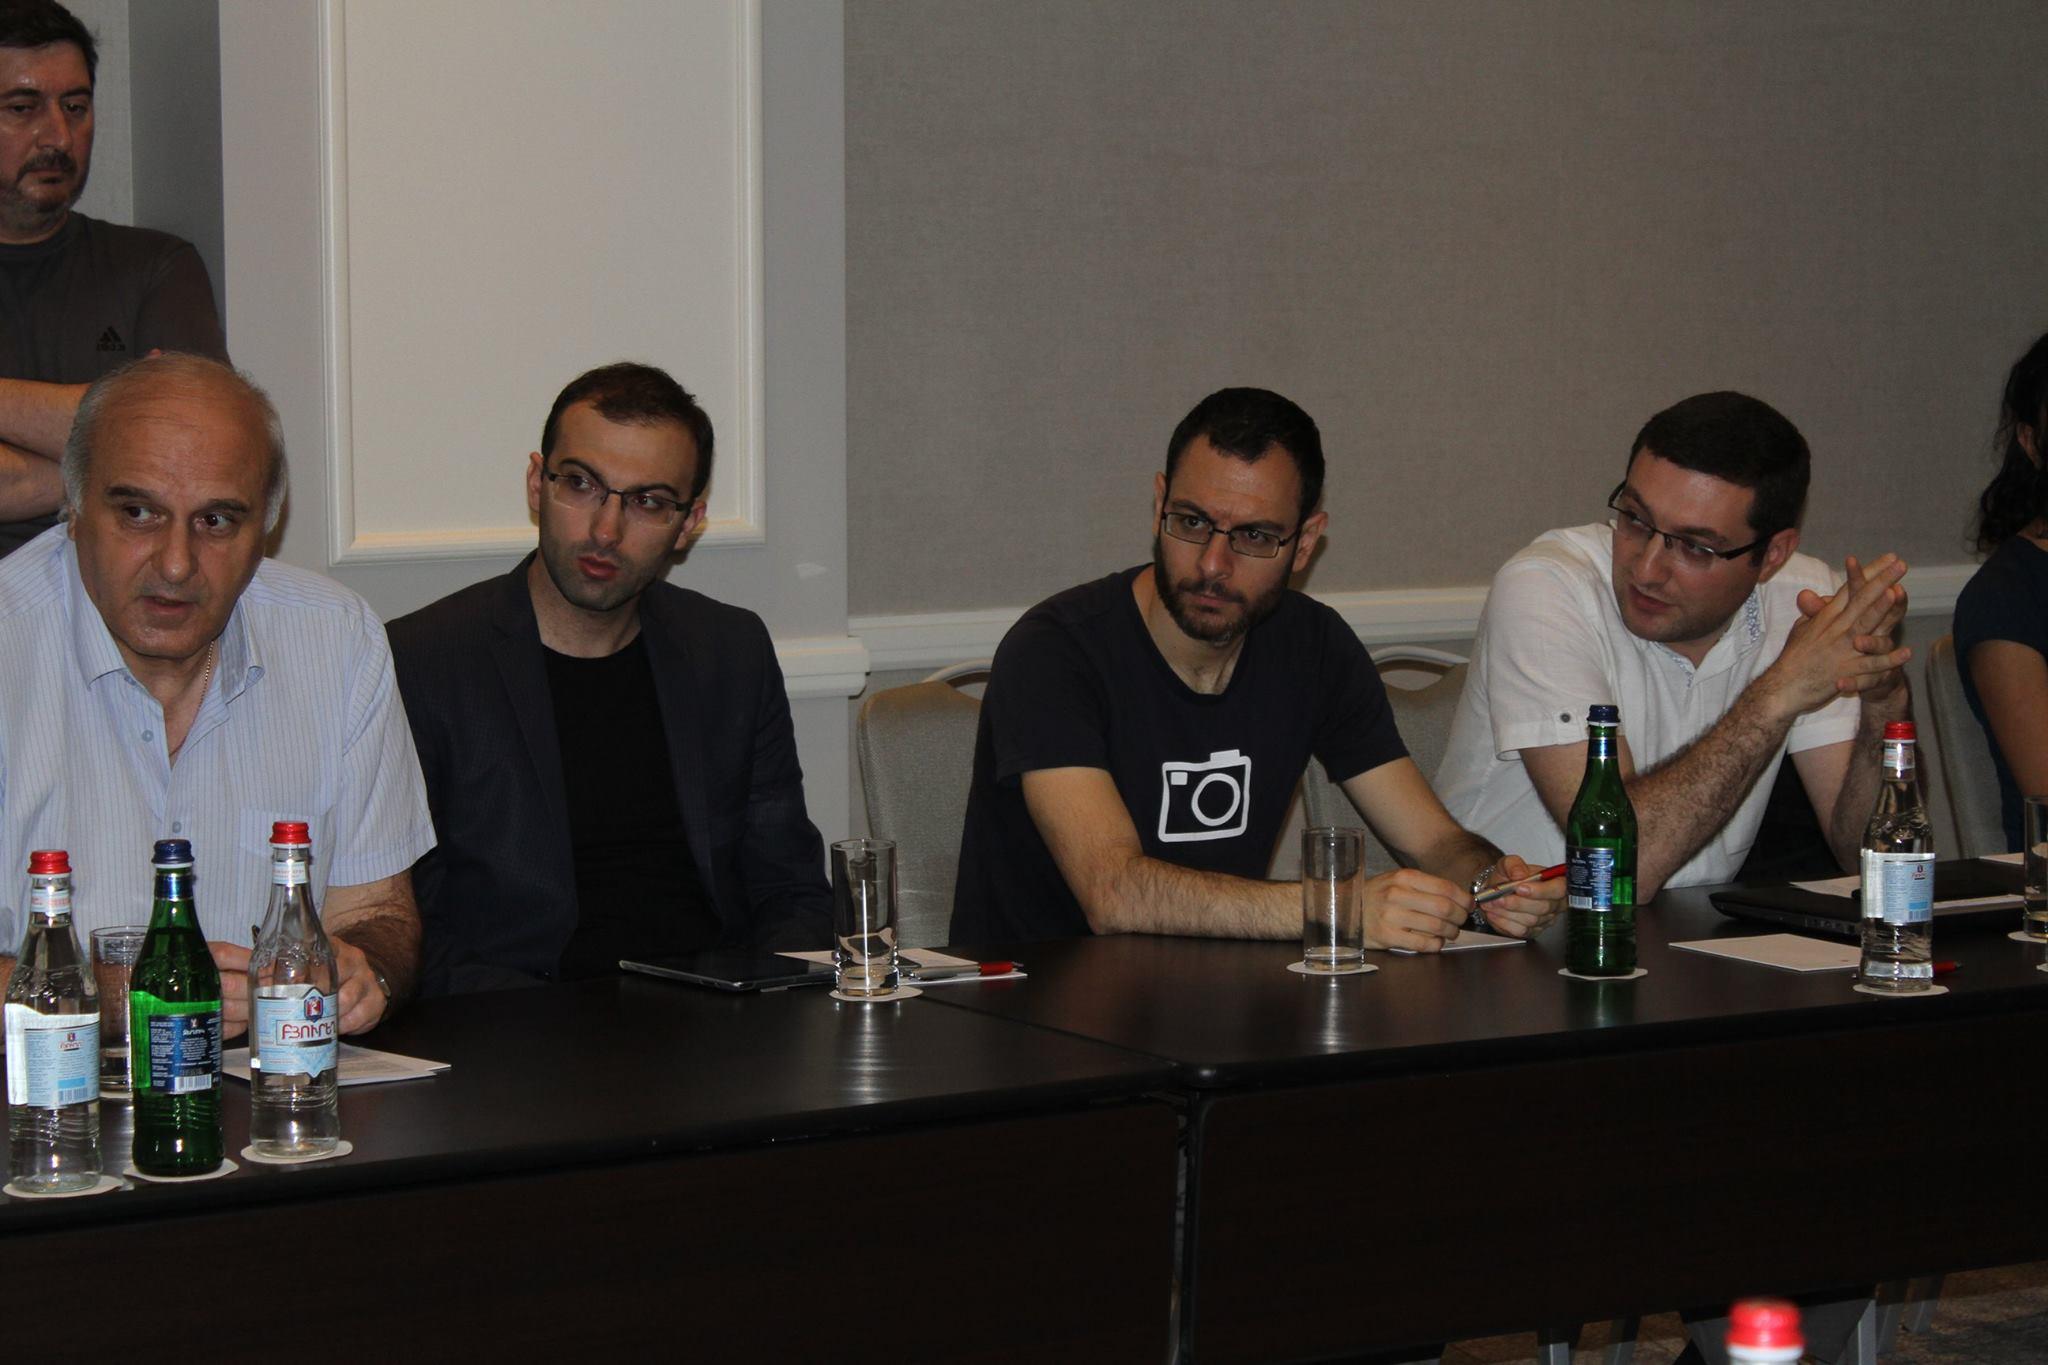 Ucom և PicsArt. կլոր-սեղան քննարկում՝ արհեստական բանականության զարգացումը Հայաստանում և կիրառումը բիզնեսում